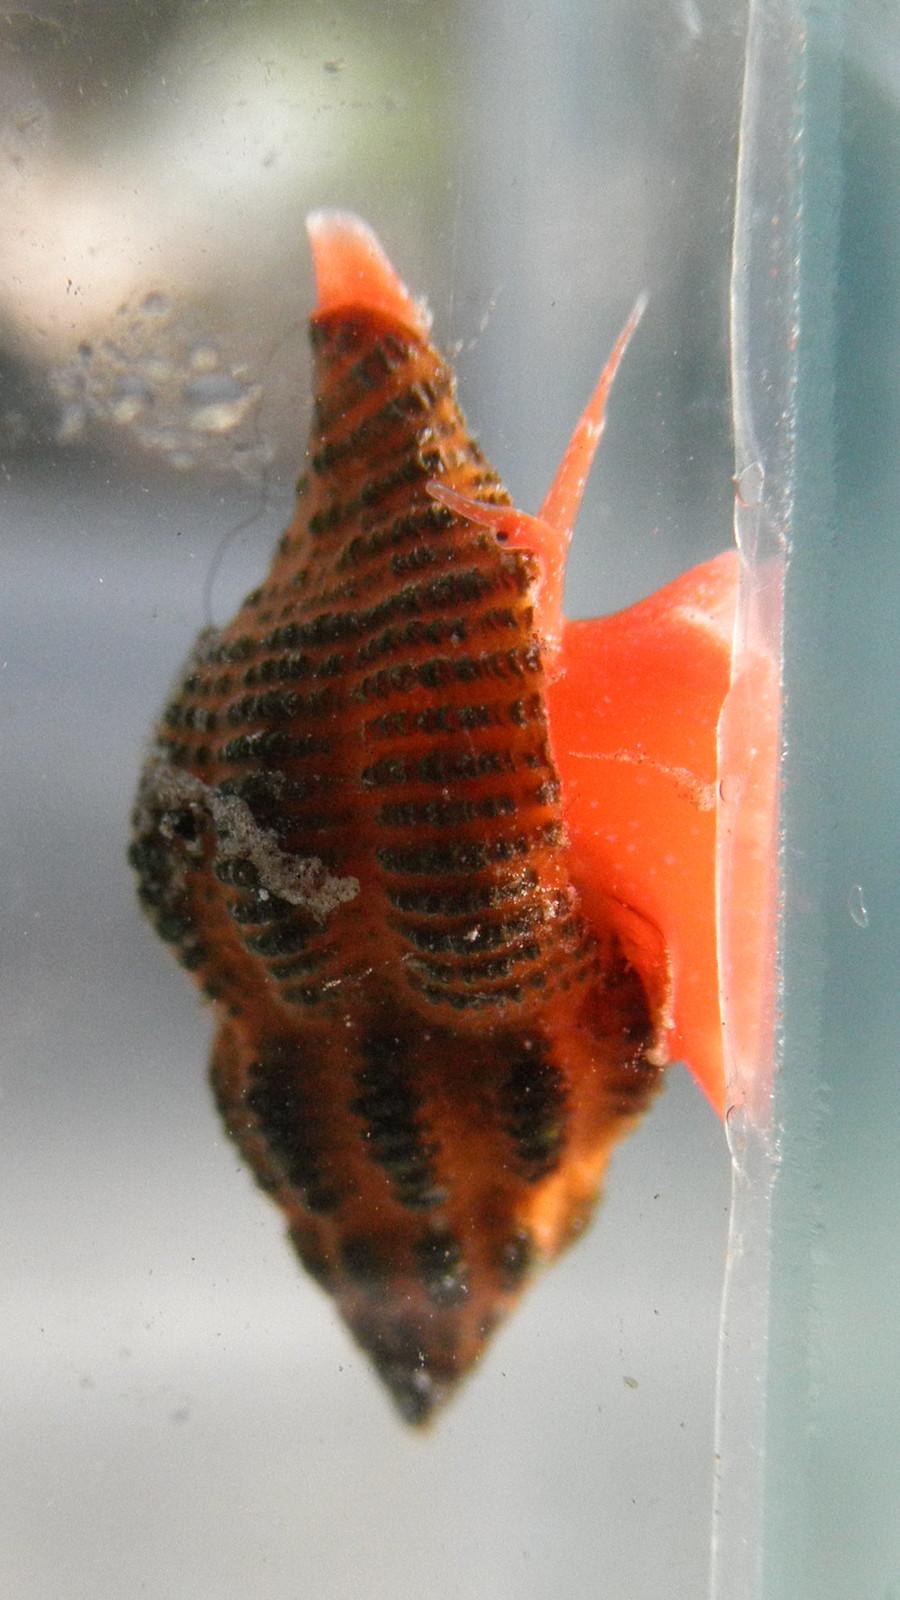 Right side view of Ocinebrina aciculata